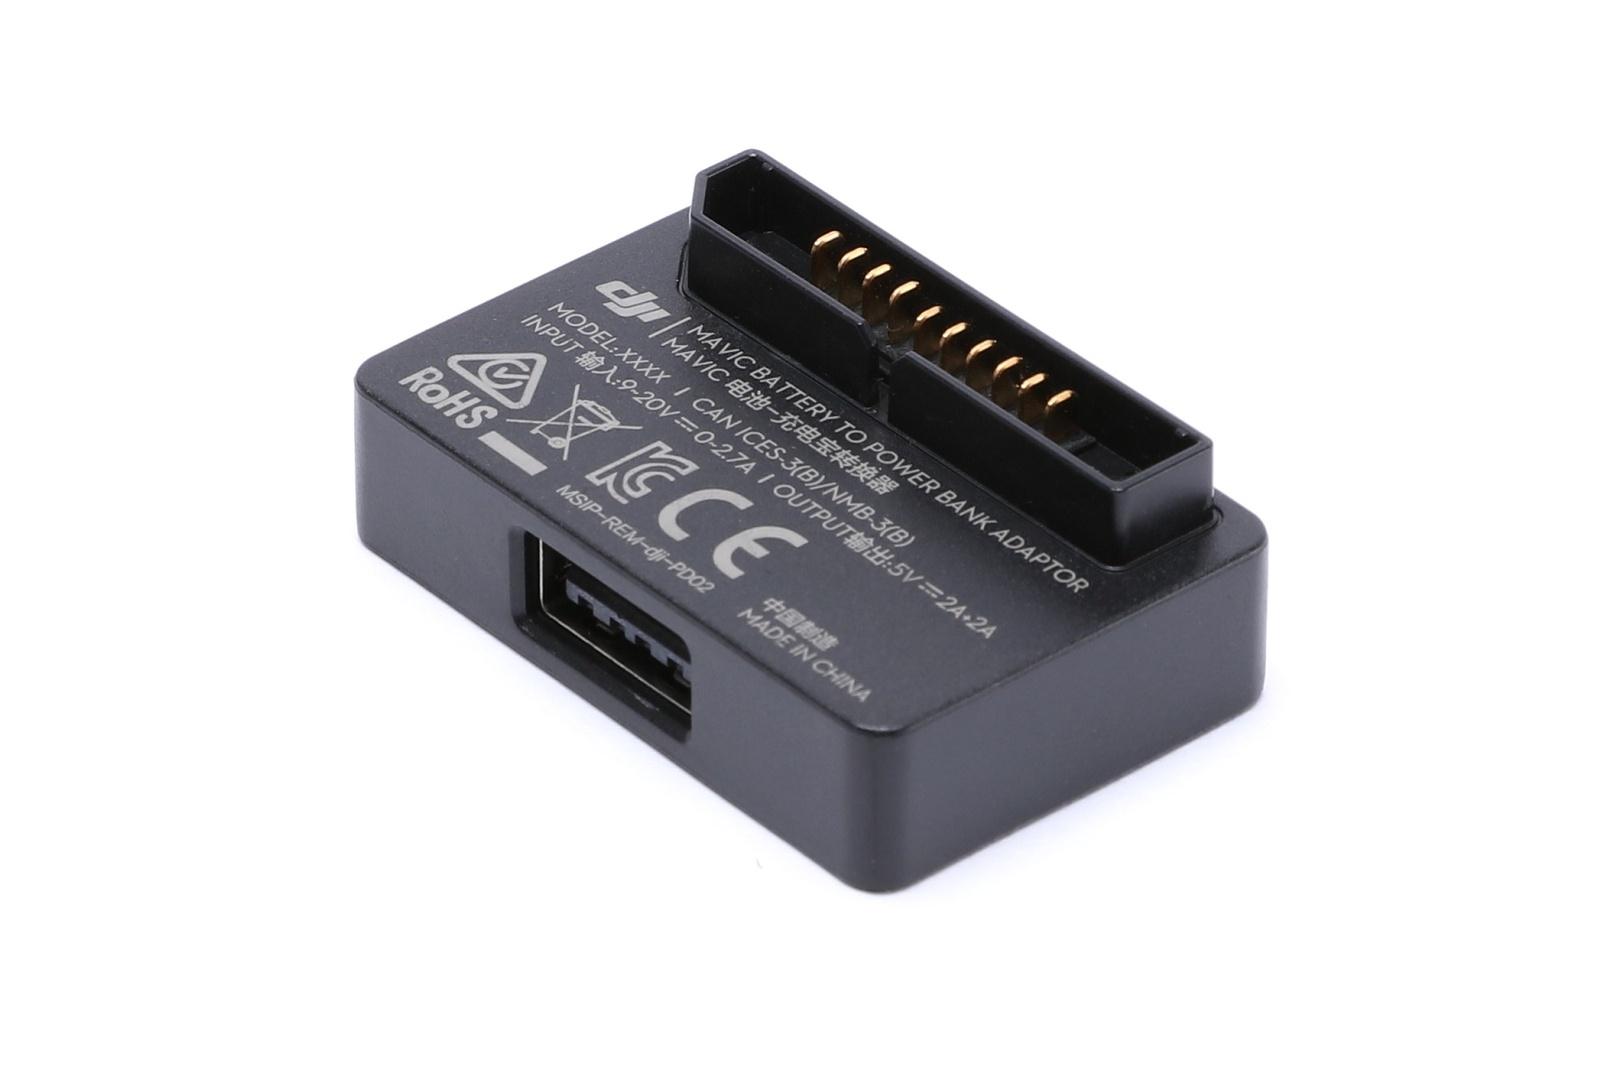 Аксессуар для квадрокоптера DJI Зарядное устройство от аккумулятора Mavic Air для смартфона (part5) черный стоимость